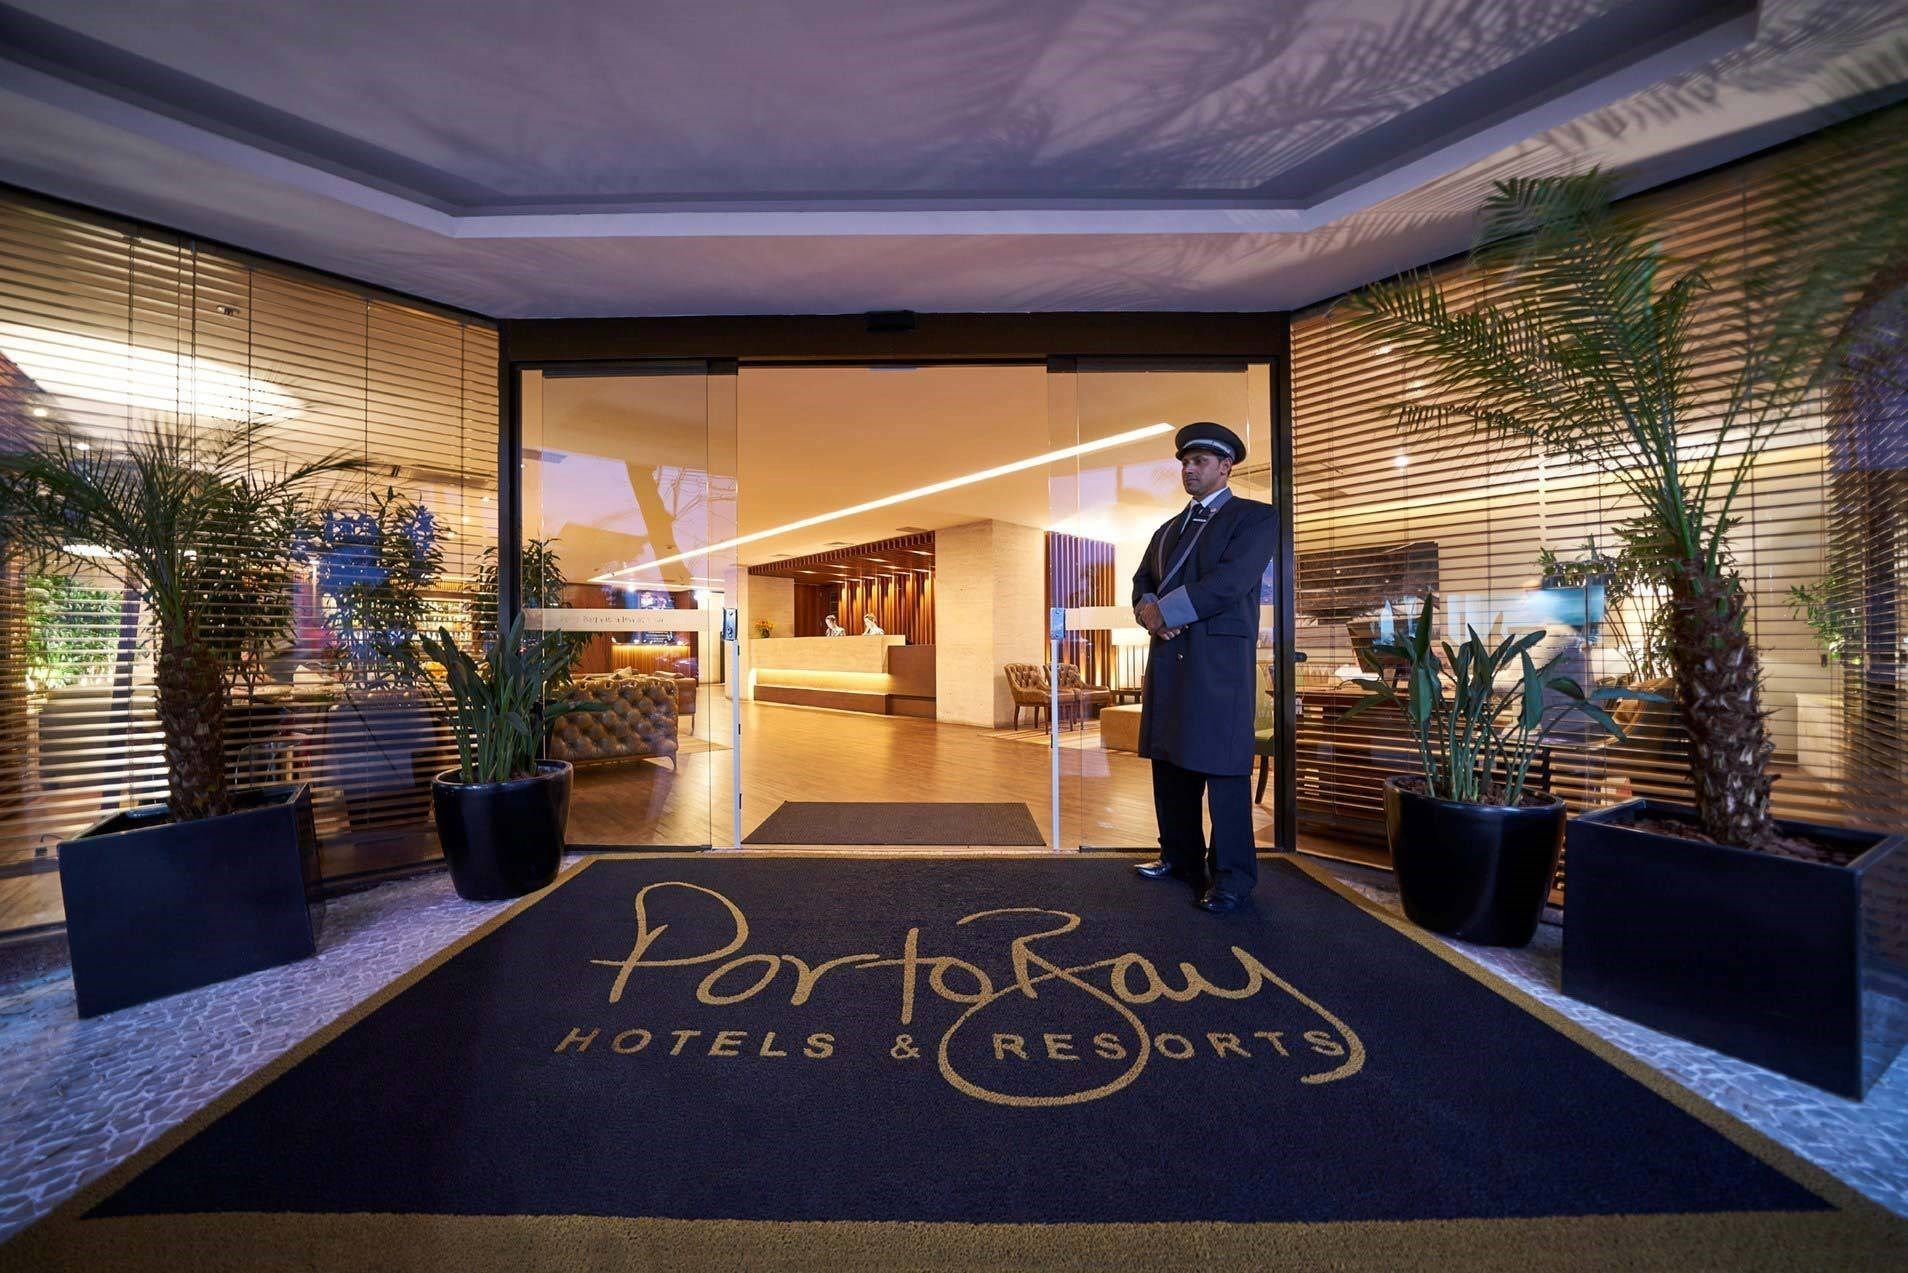 Hotel PortoBay Rio de Janeiro - Rio de Janeiro - Social Areas